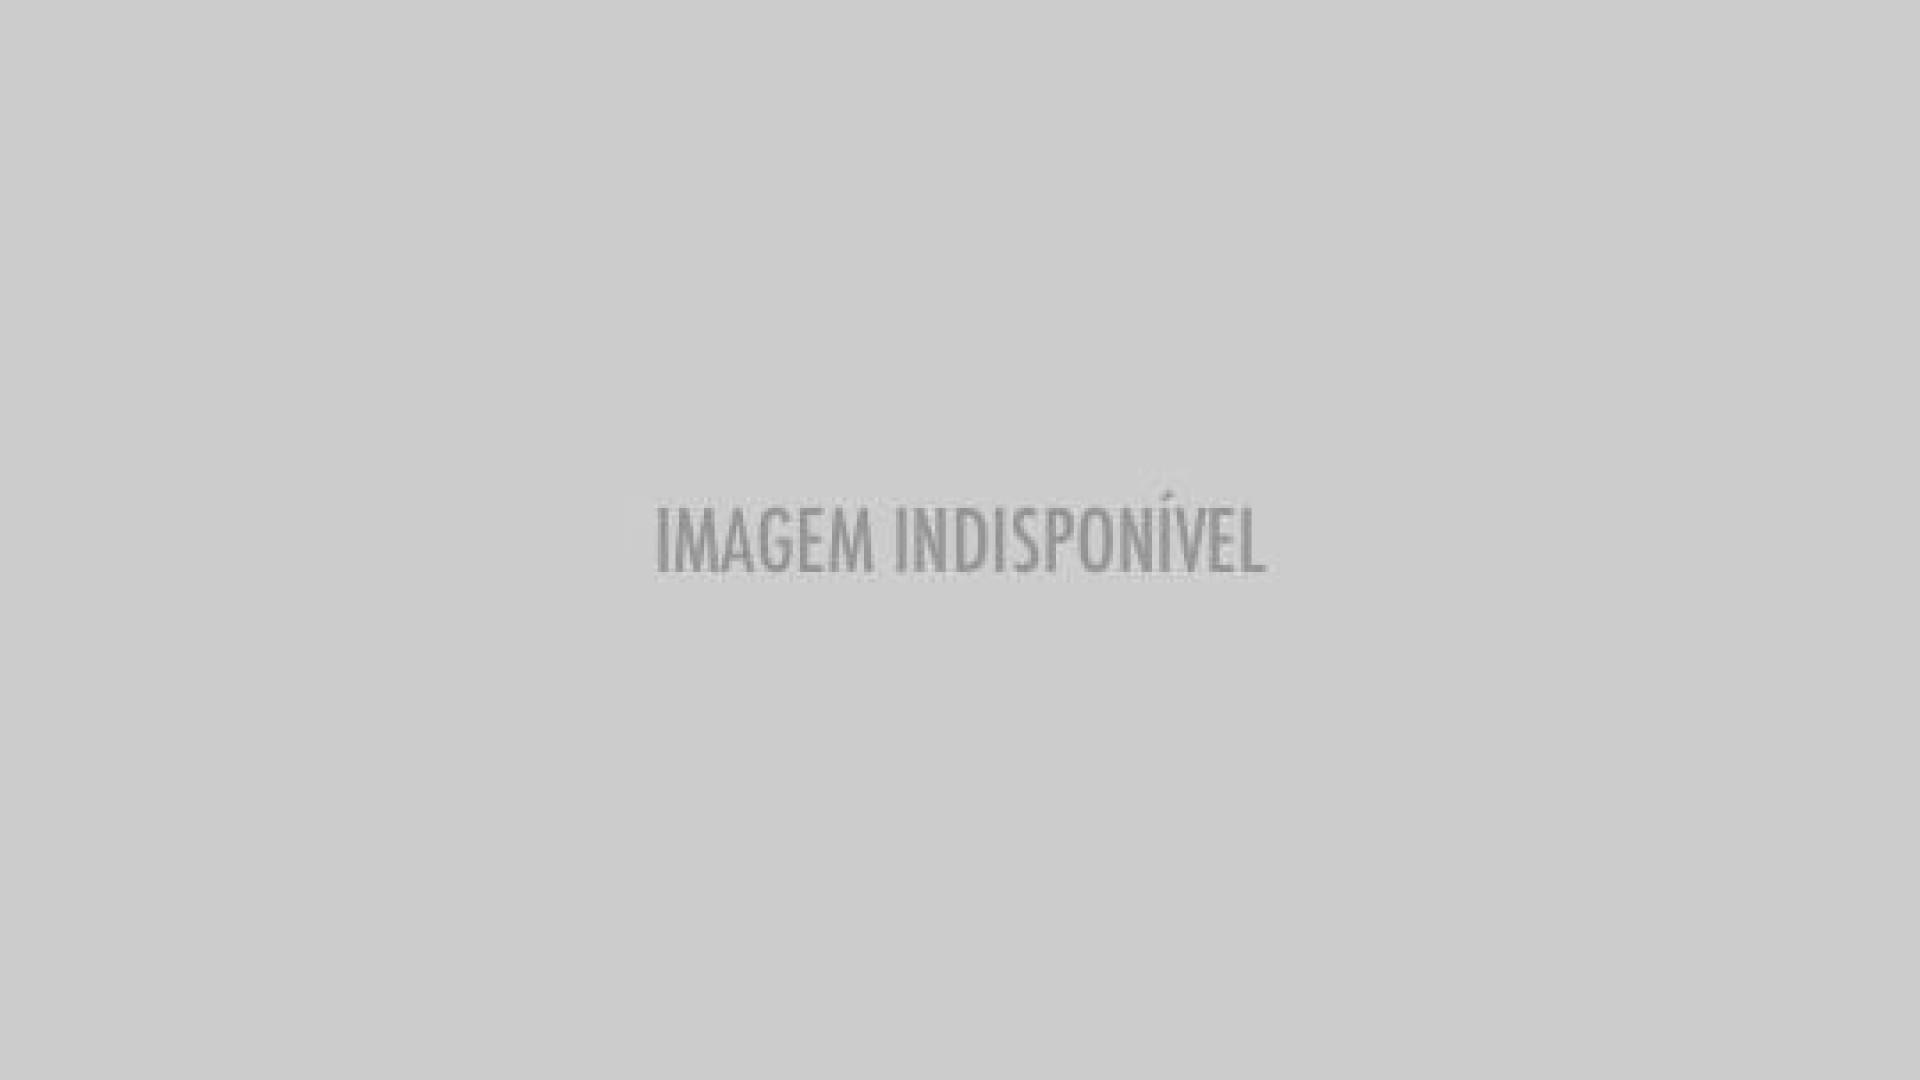 Nave russa tripulada obrigada a aterragem de emergência